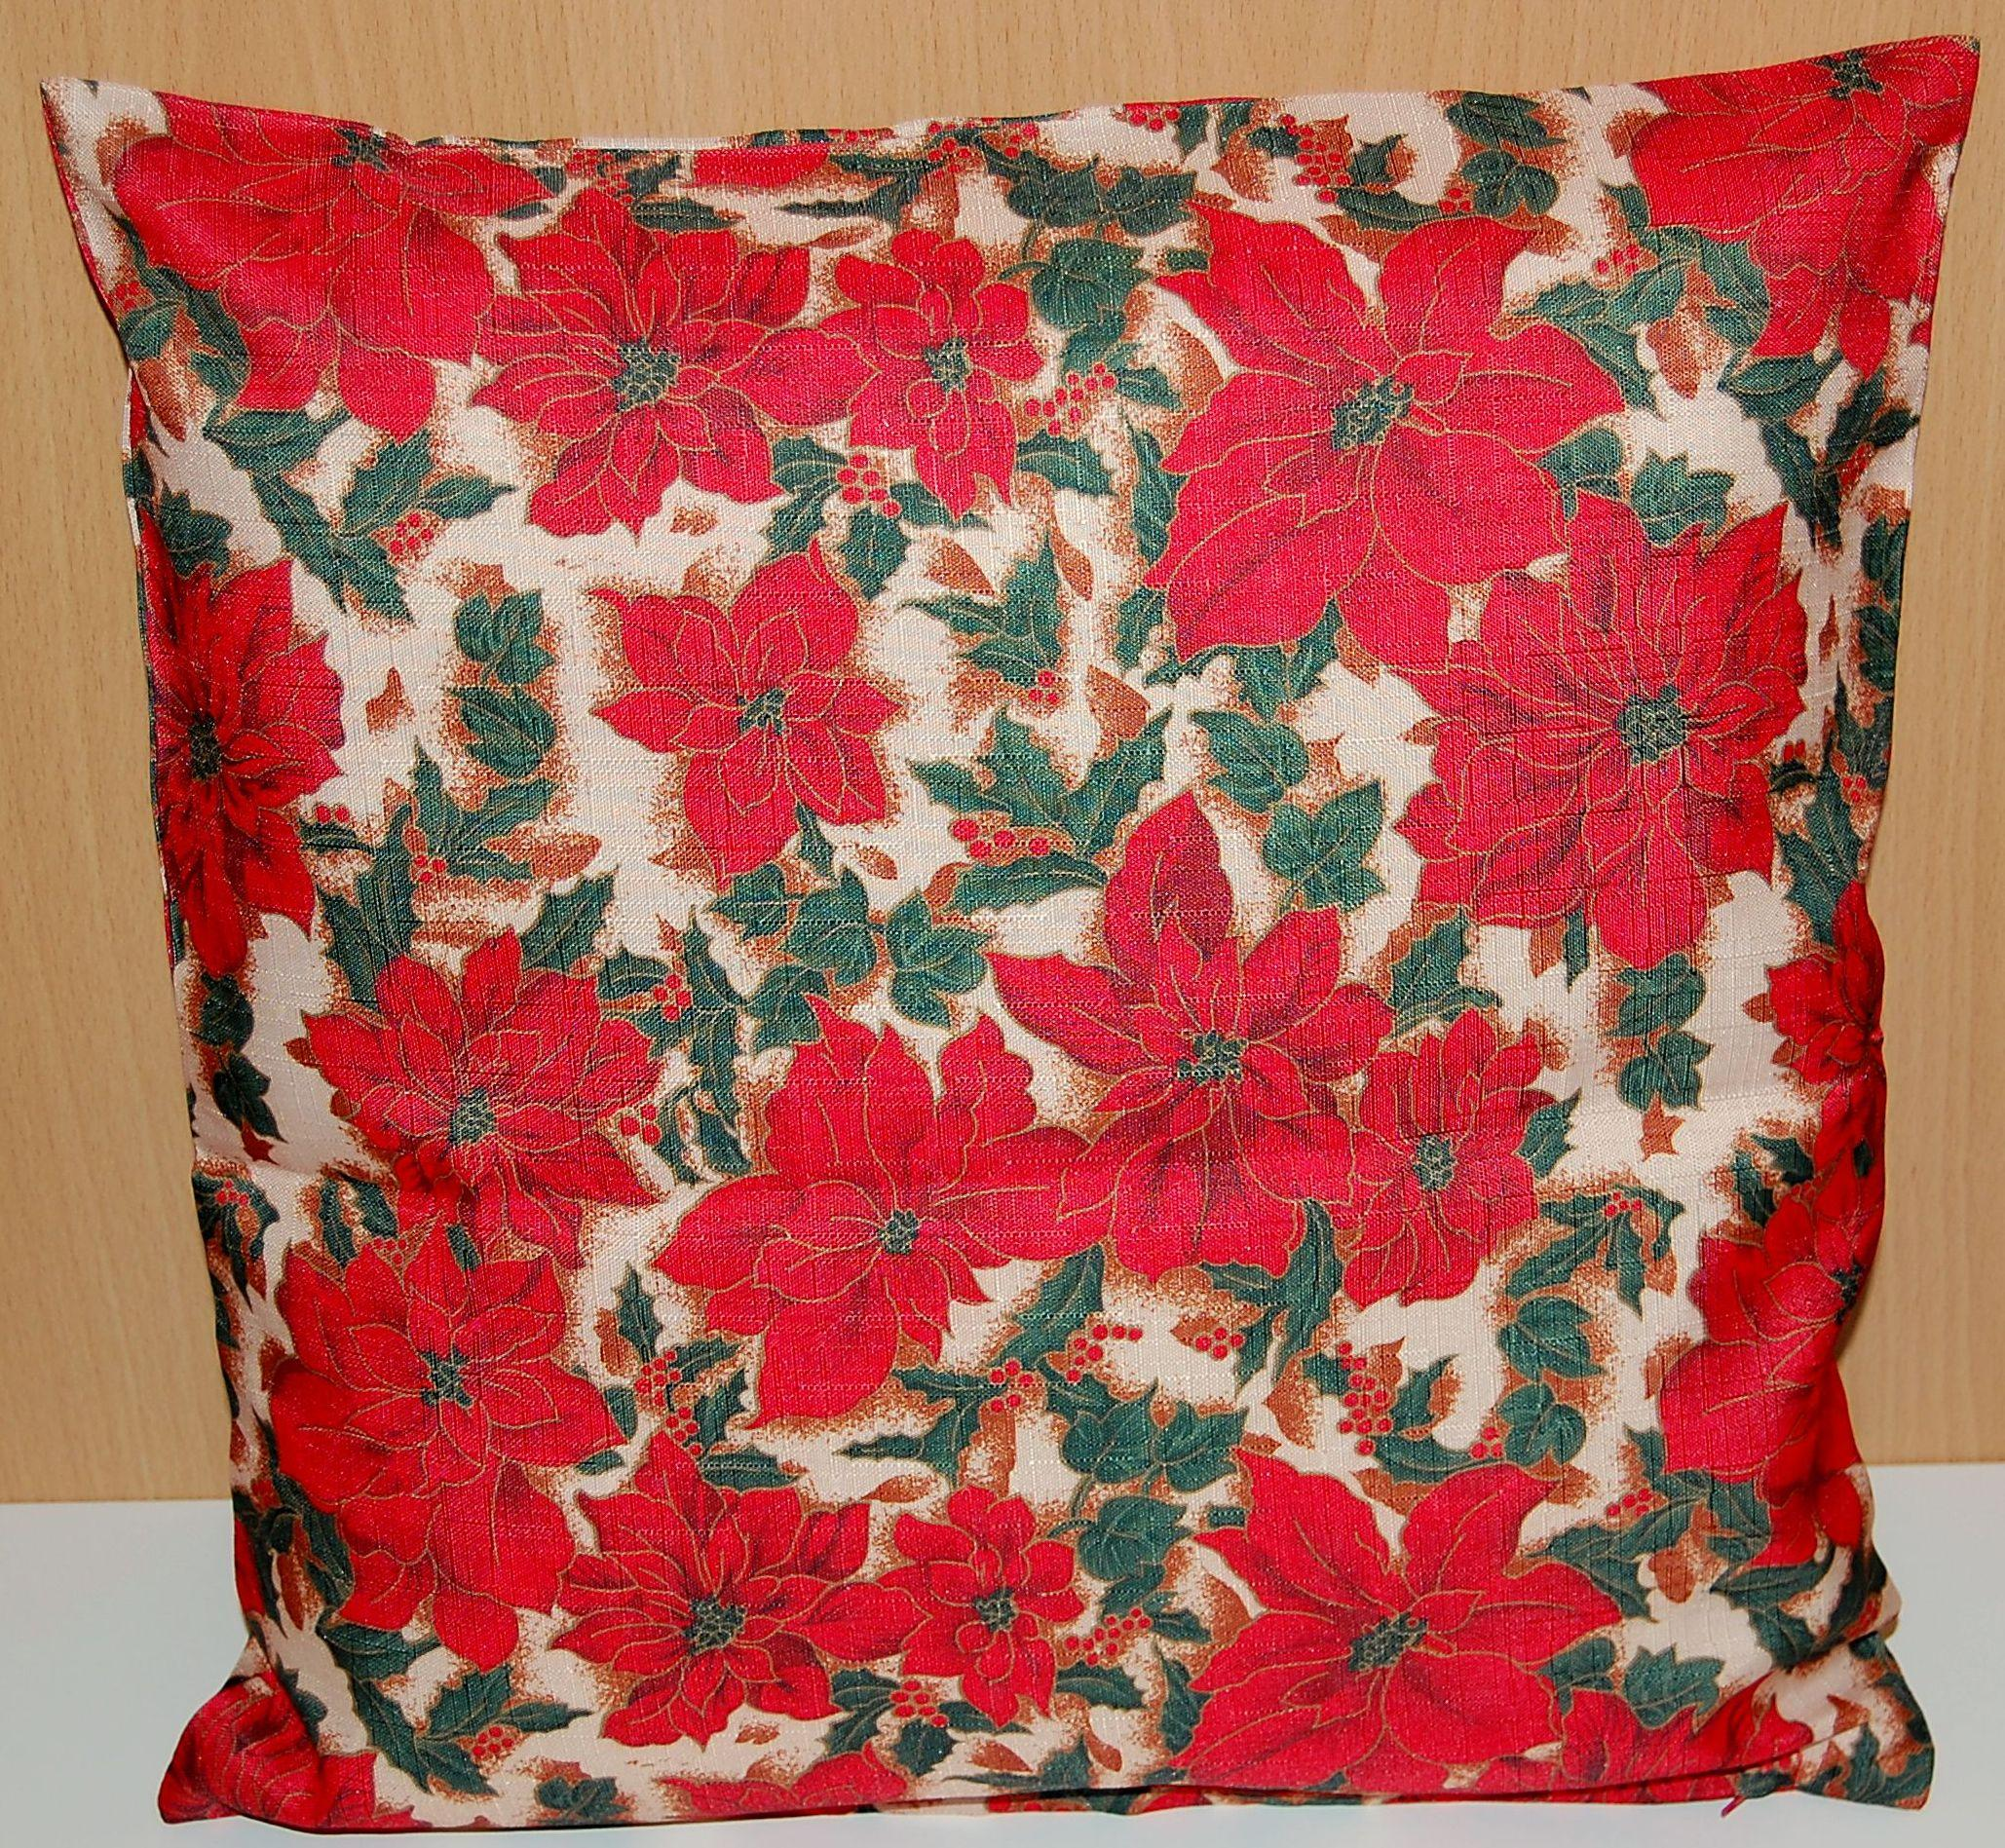 tischdecke weihnachten pflegeleicht advent rot tischl ufer kissenh lle tischtuch ebay. Black Bedroom Furniture Sets. Home Design Ideas